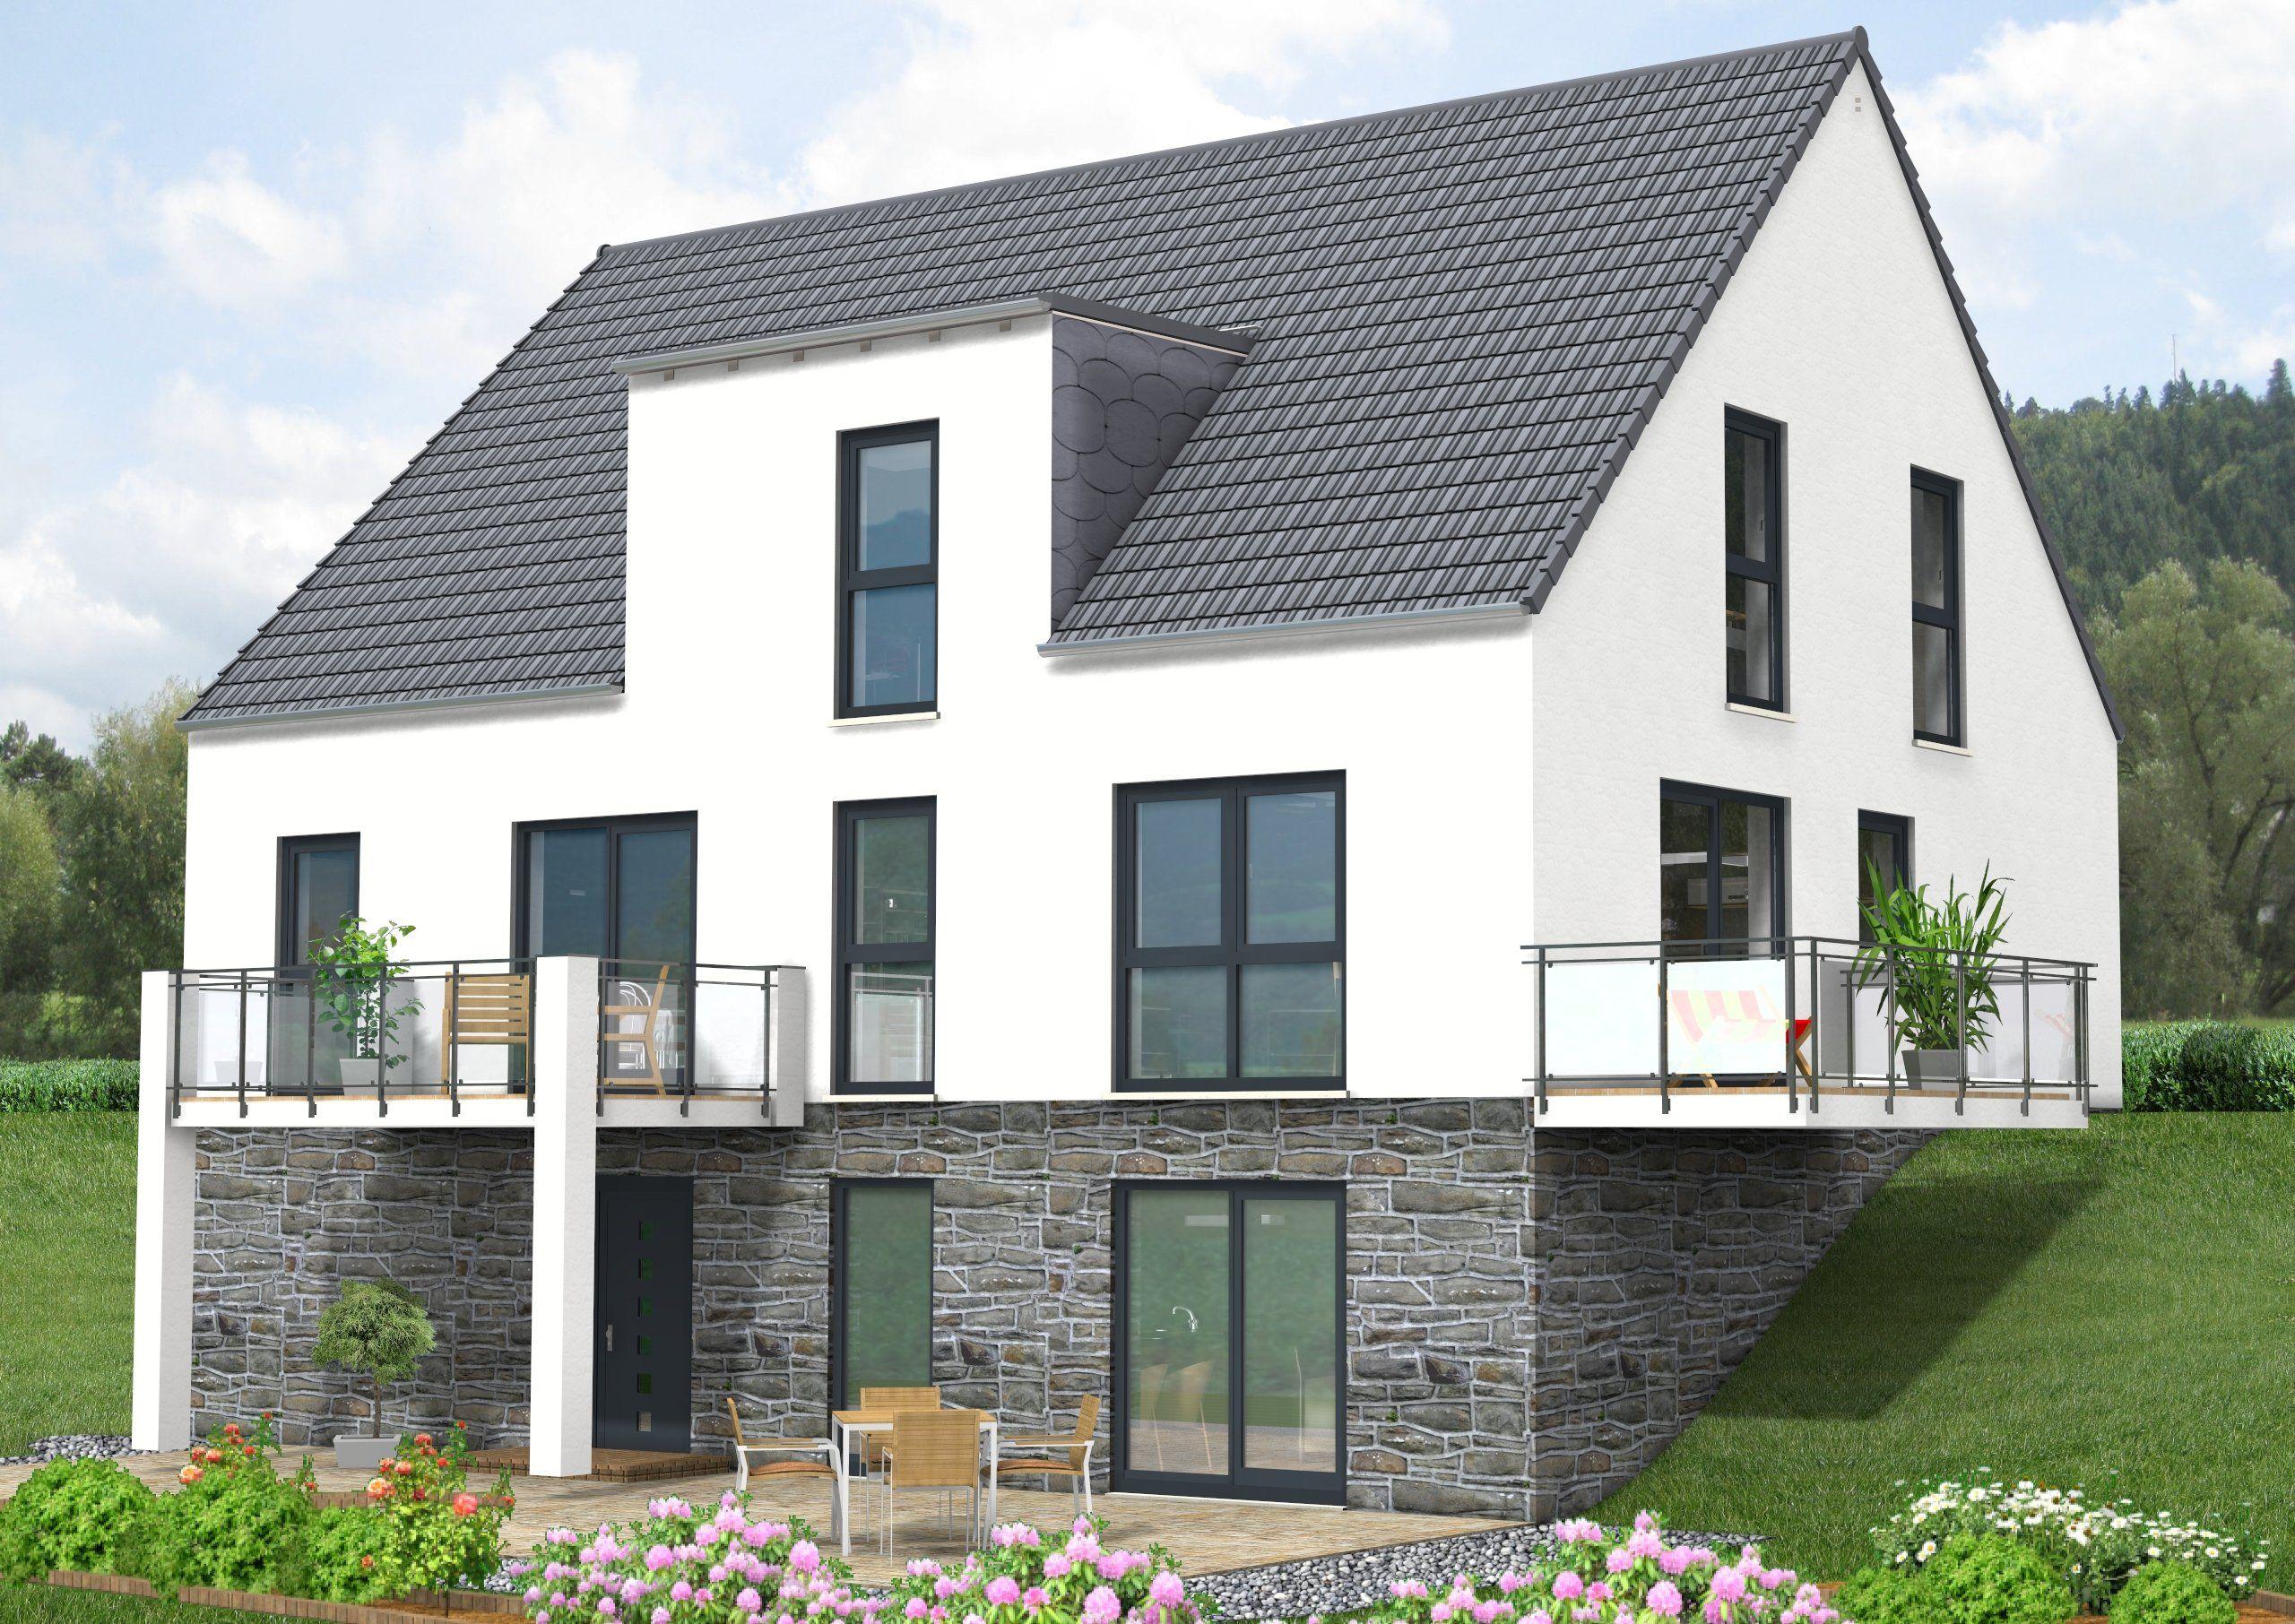 """Haus Idee, """"Bauen am Hang"""" mit einer Gesamt-Wohnfläche von ca. 258 m²"""